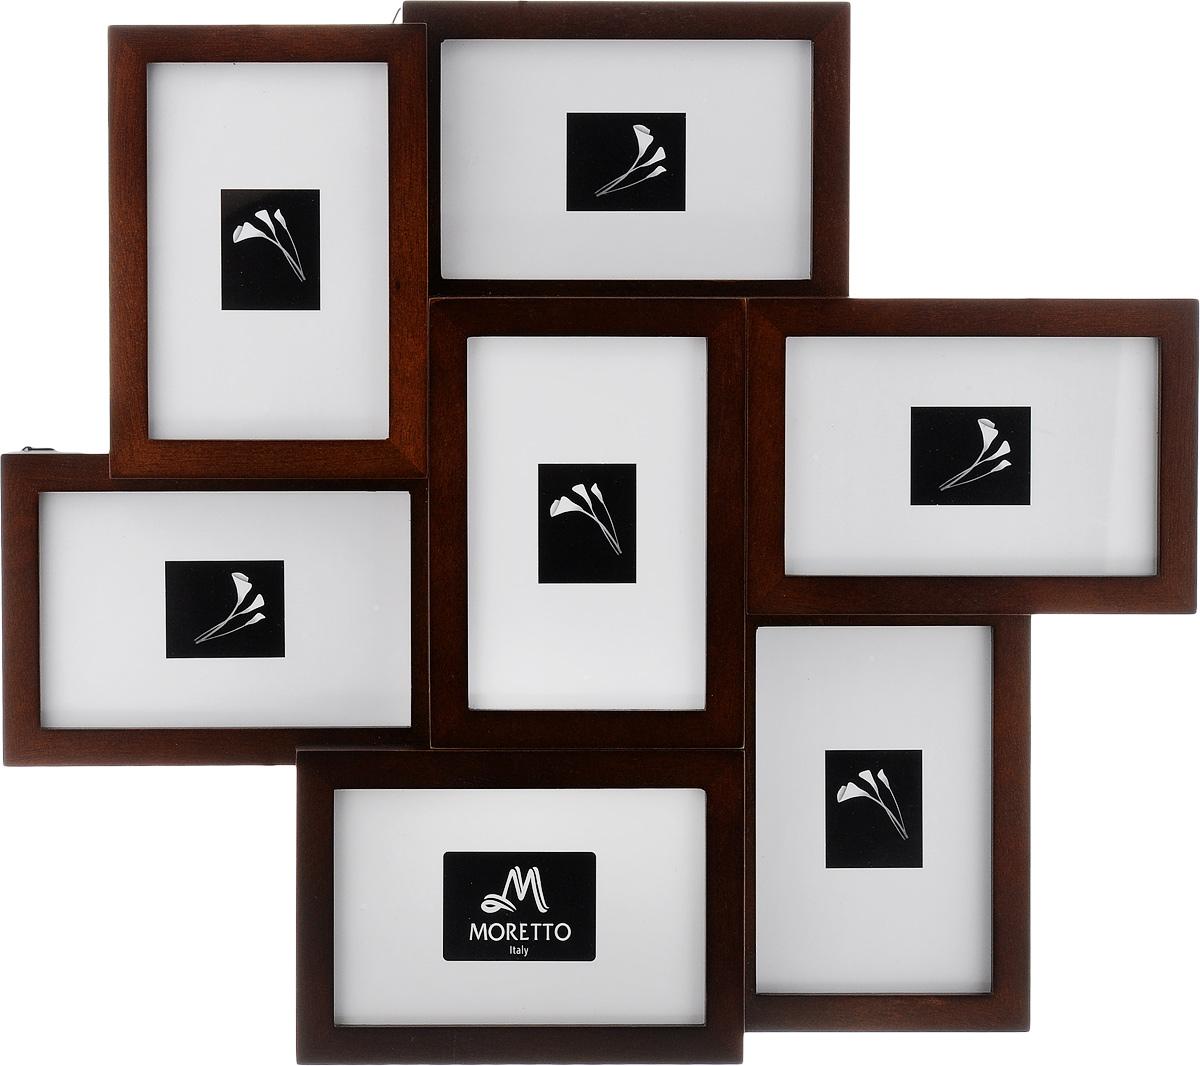 Фоторамка Moretto, на 7 фото 10 х 15 см238007Фоторамка Moretto - прекрасный способ красиво оформить ваши фотографии. Фоторамка выполнена из дерева и защищена стеклом, предназначена для семи фотографий. Фоторамка-коллаж представляет собой семь фоторамок для фото одного размера оригинально соединенных между собой. Такая фоторамка поможет сохранить в памяти самые яркие моменты вашей жизни, а стильный дизайн сделает ее прекрасным дополнением интерьера комнаты.Размеры фоторамок:- 7 фоторамок 12 х 17 см для фото 10 х 15 см.Общий размер фоторамки (по самой широкой части): 46 х 41 см